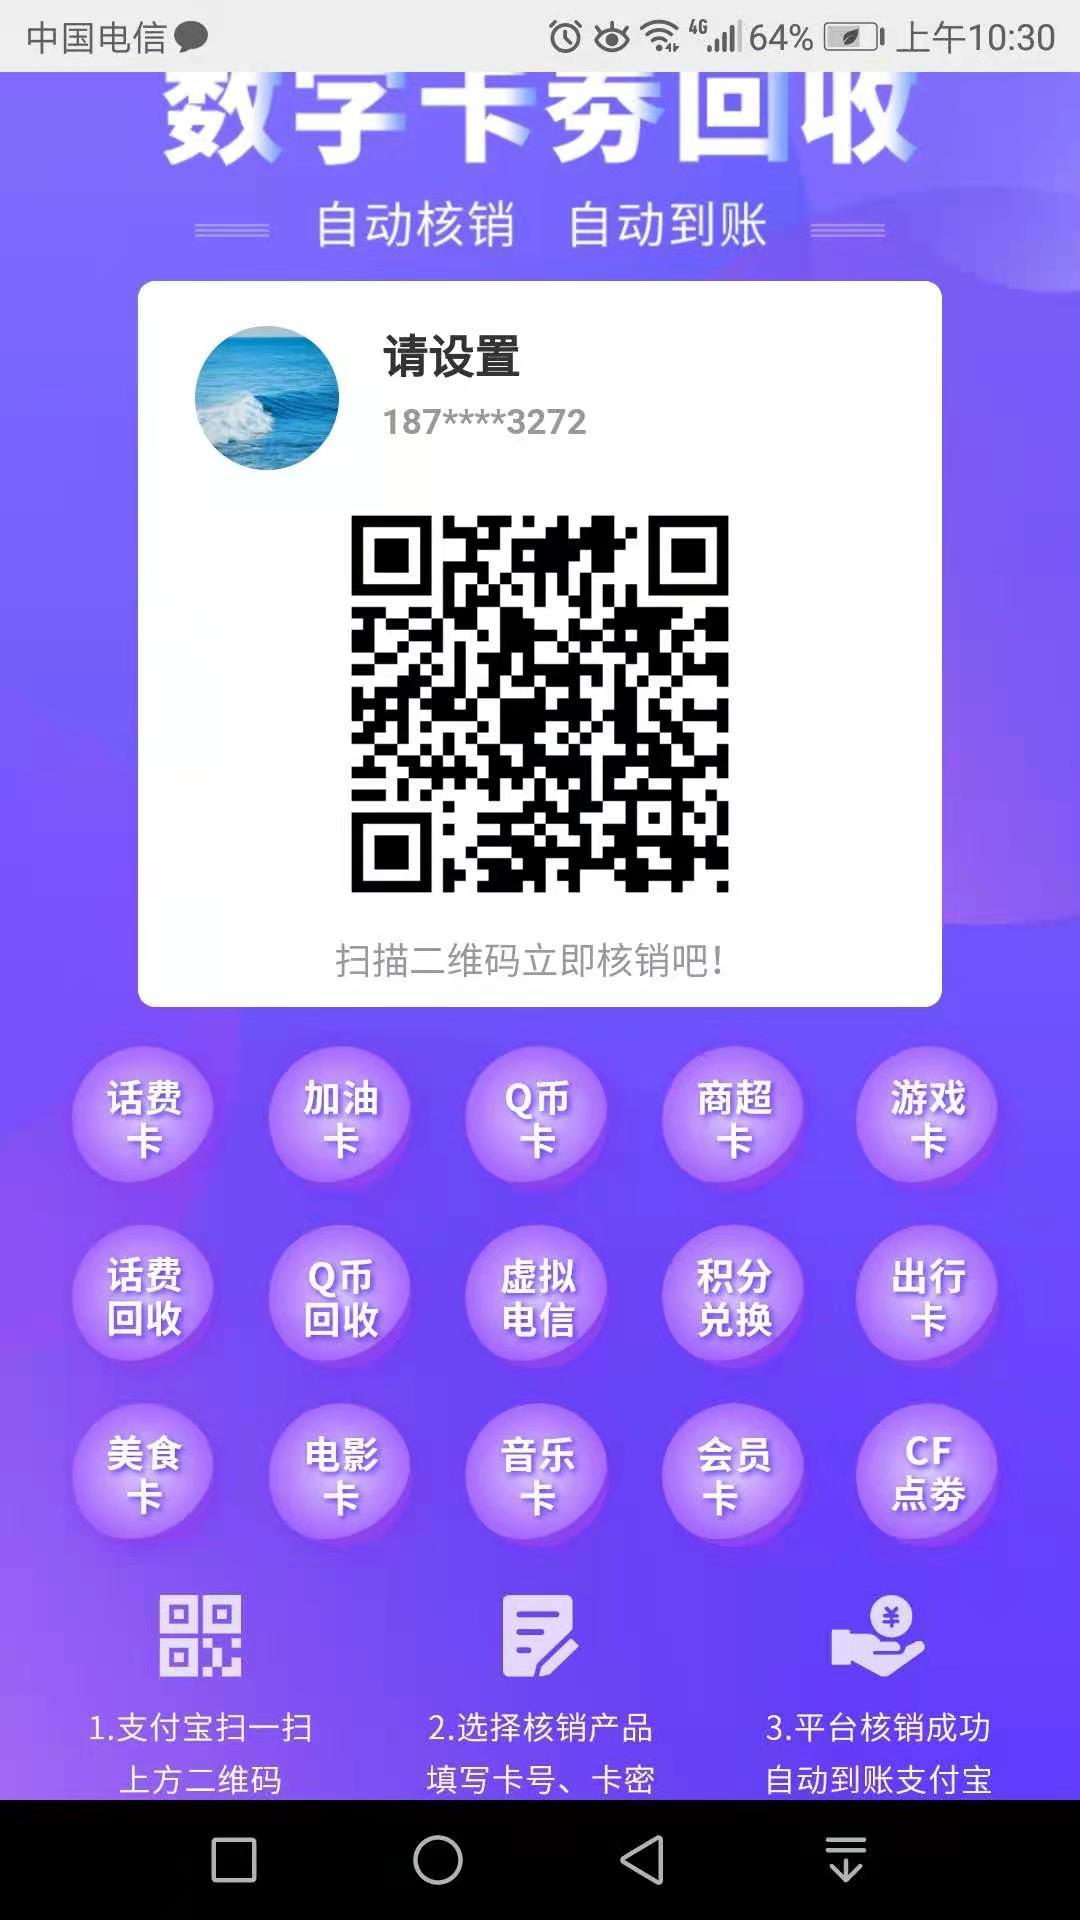 202103261616755541425295.jpg